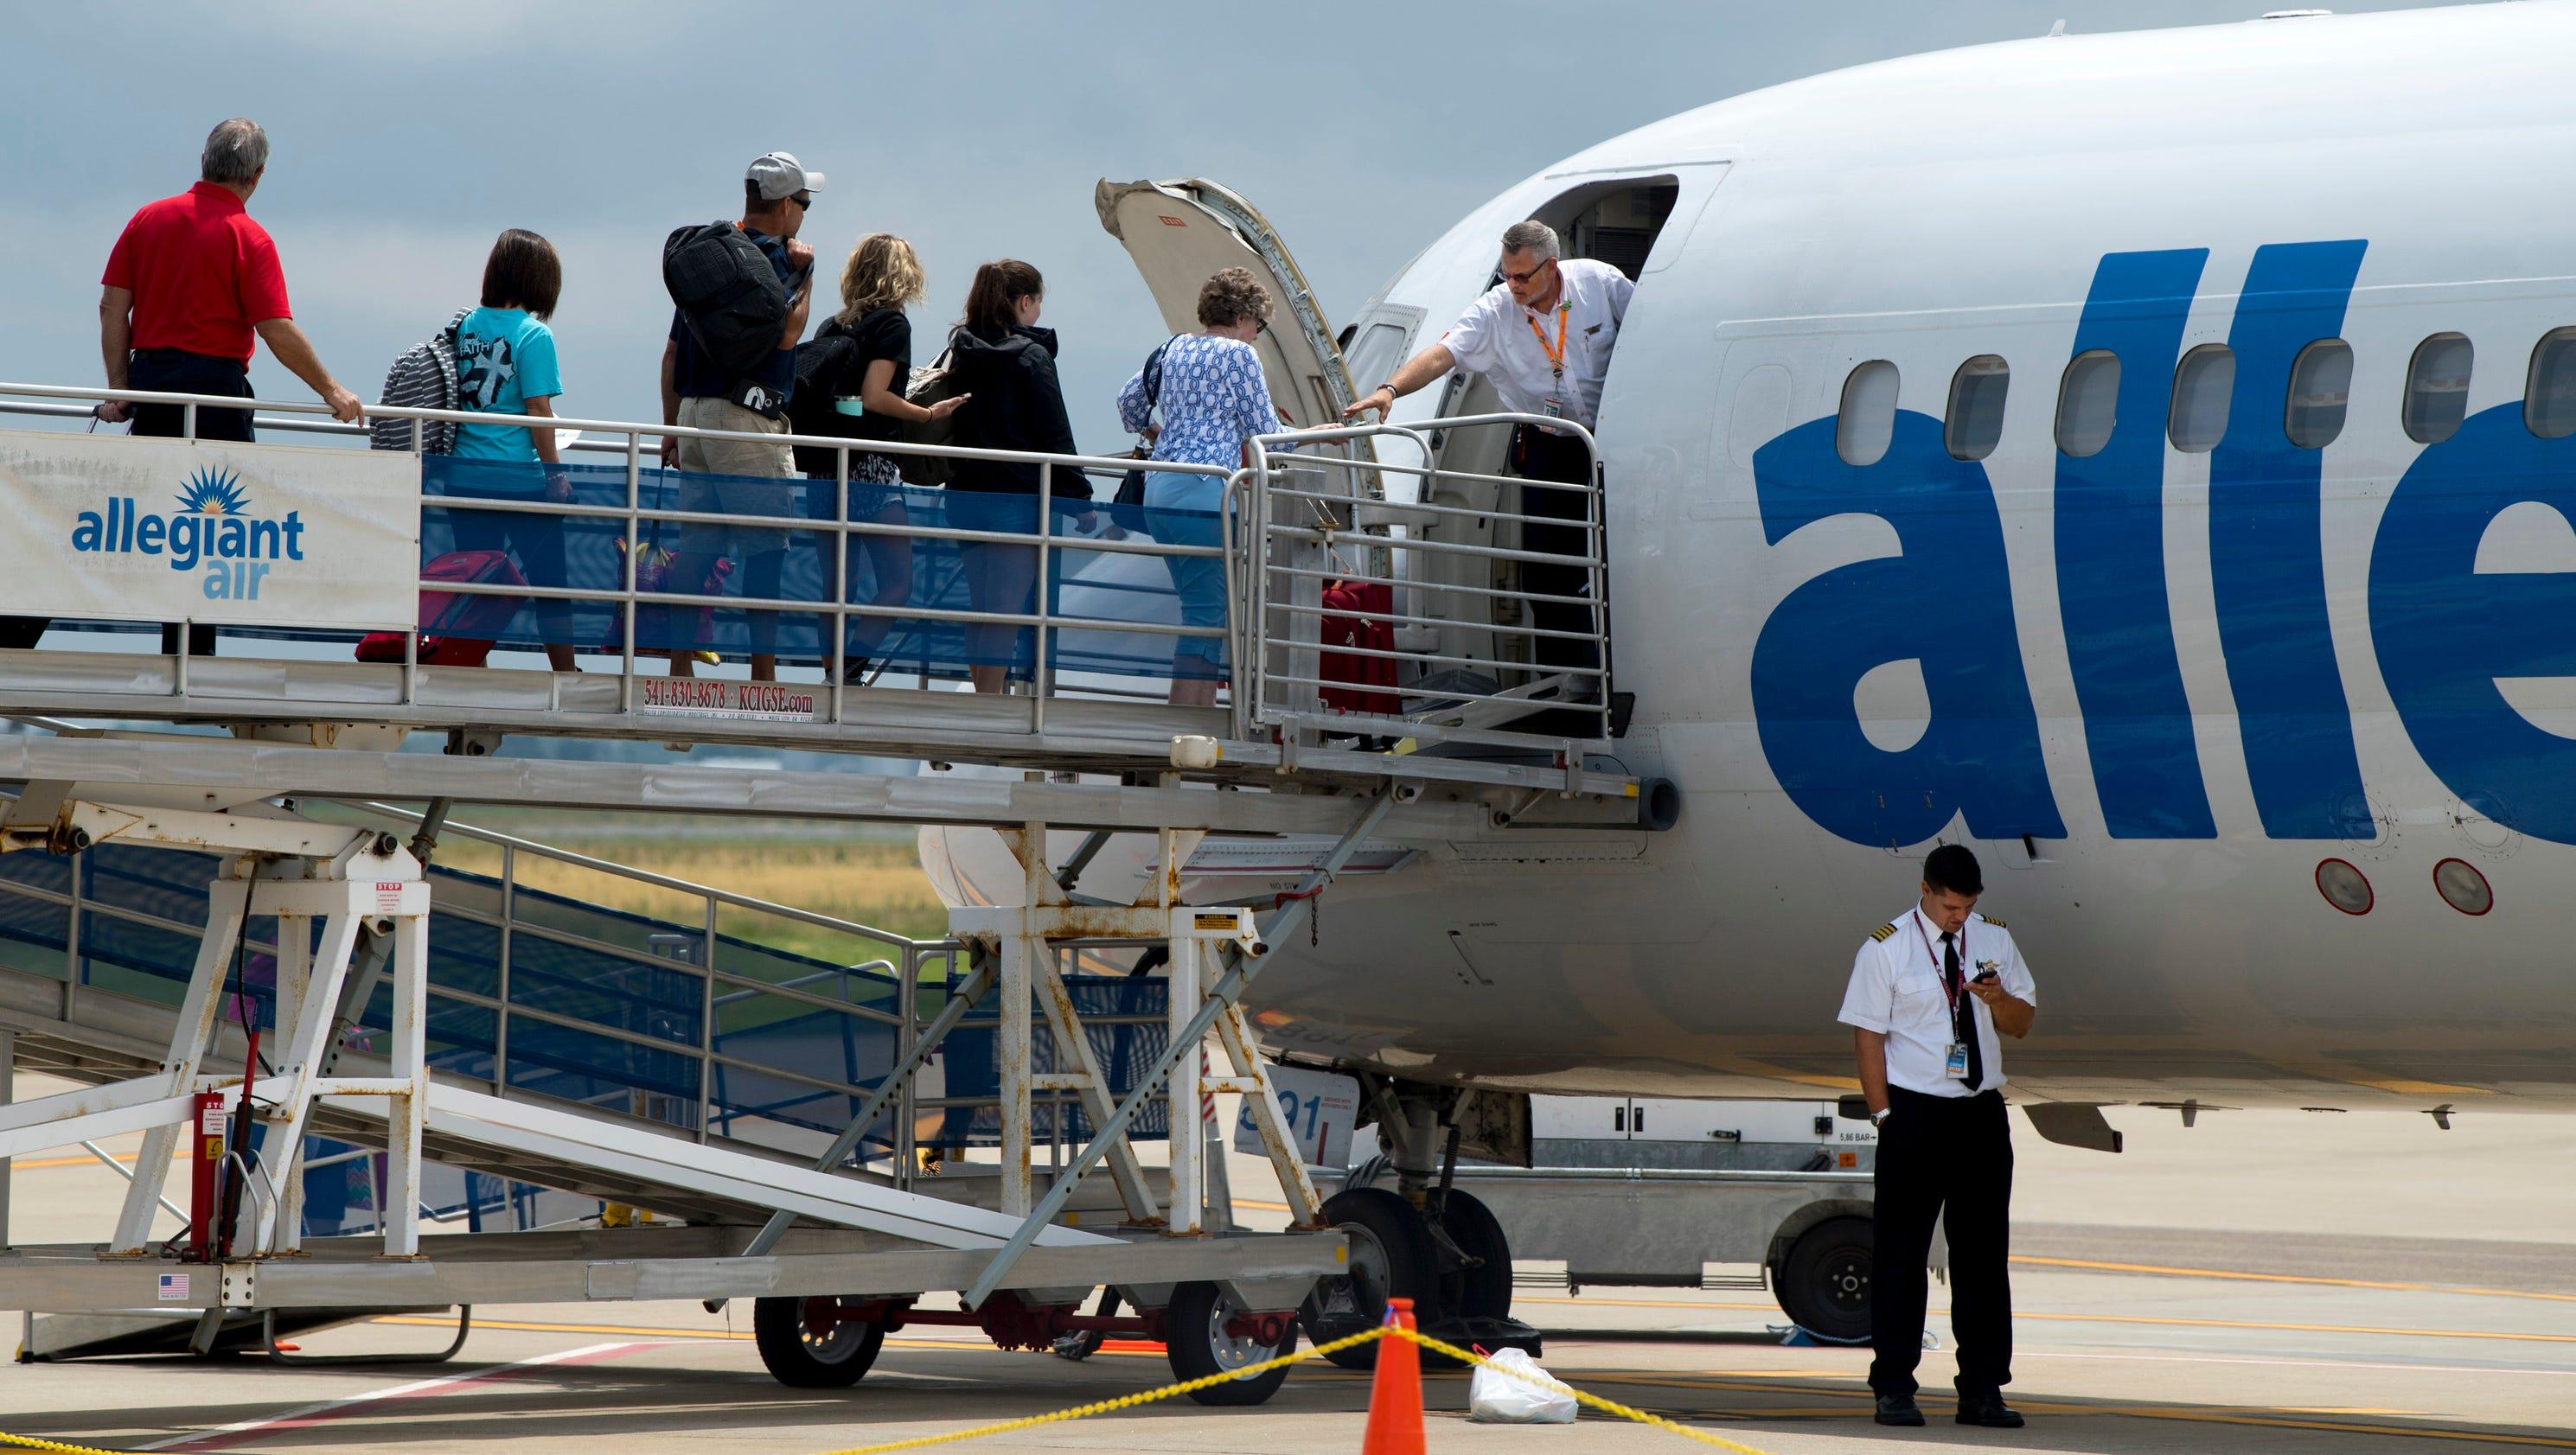 Allegiant Air Manage Travel